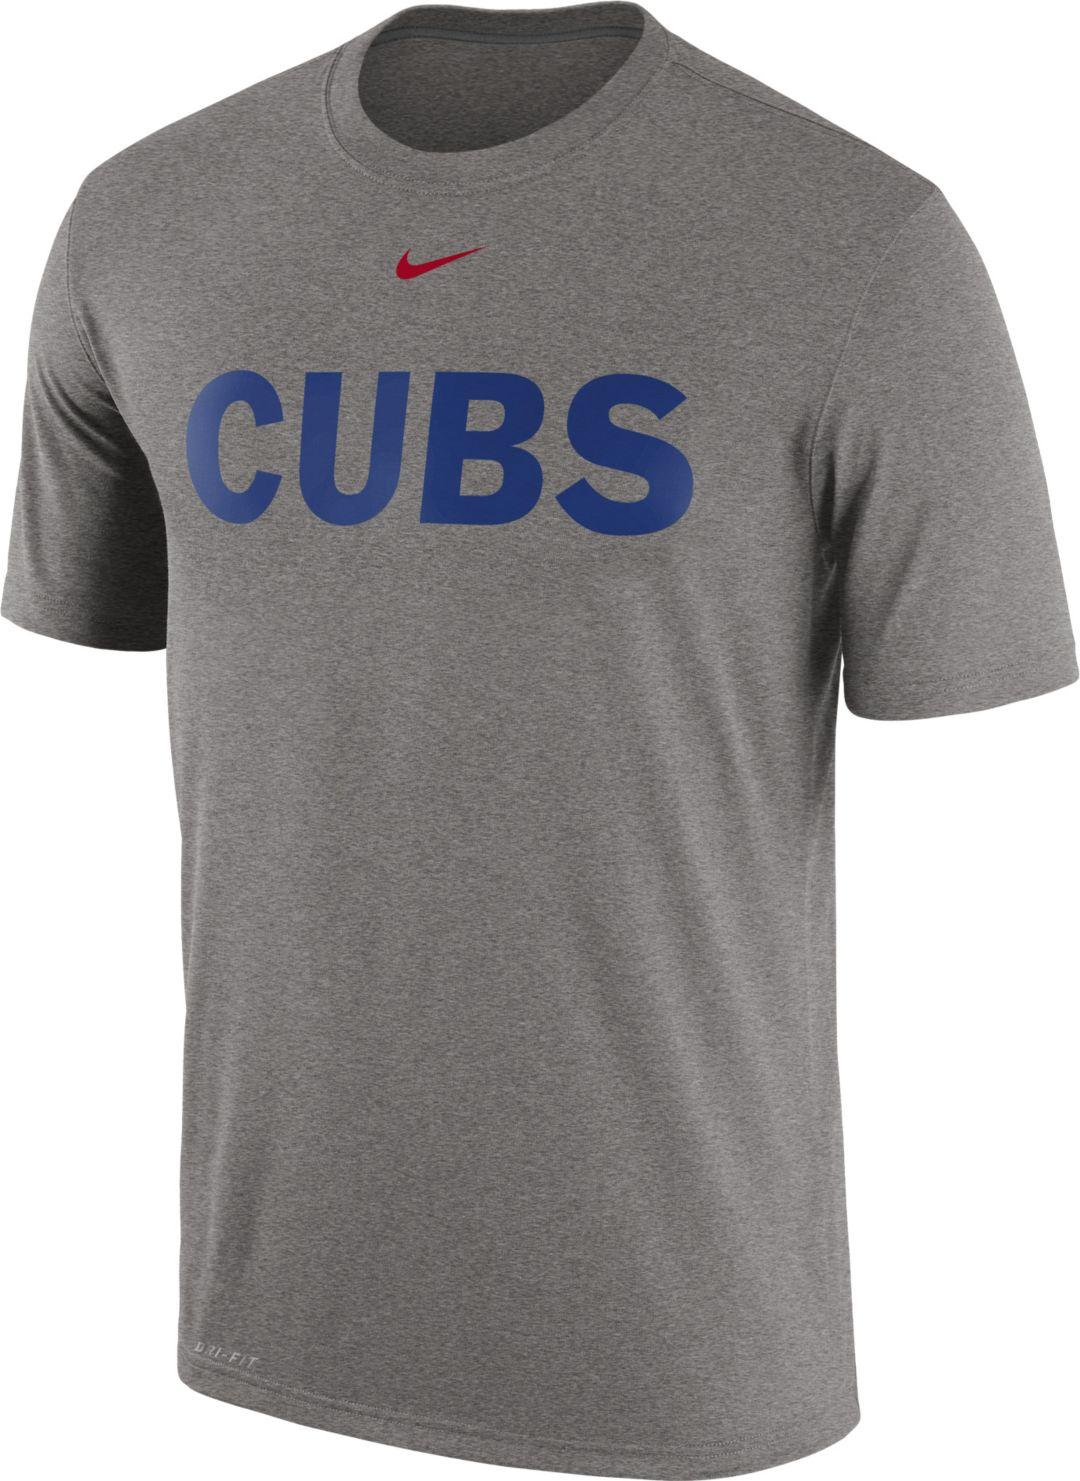 350f356c Nike Men's Chicago Cubs Dri-FIT Legend T-Shirt. noImageFound. Previous